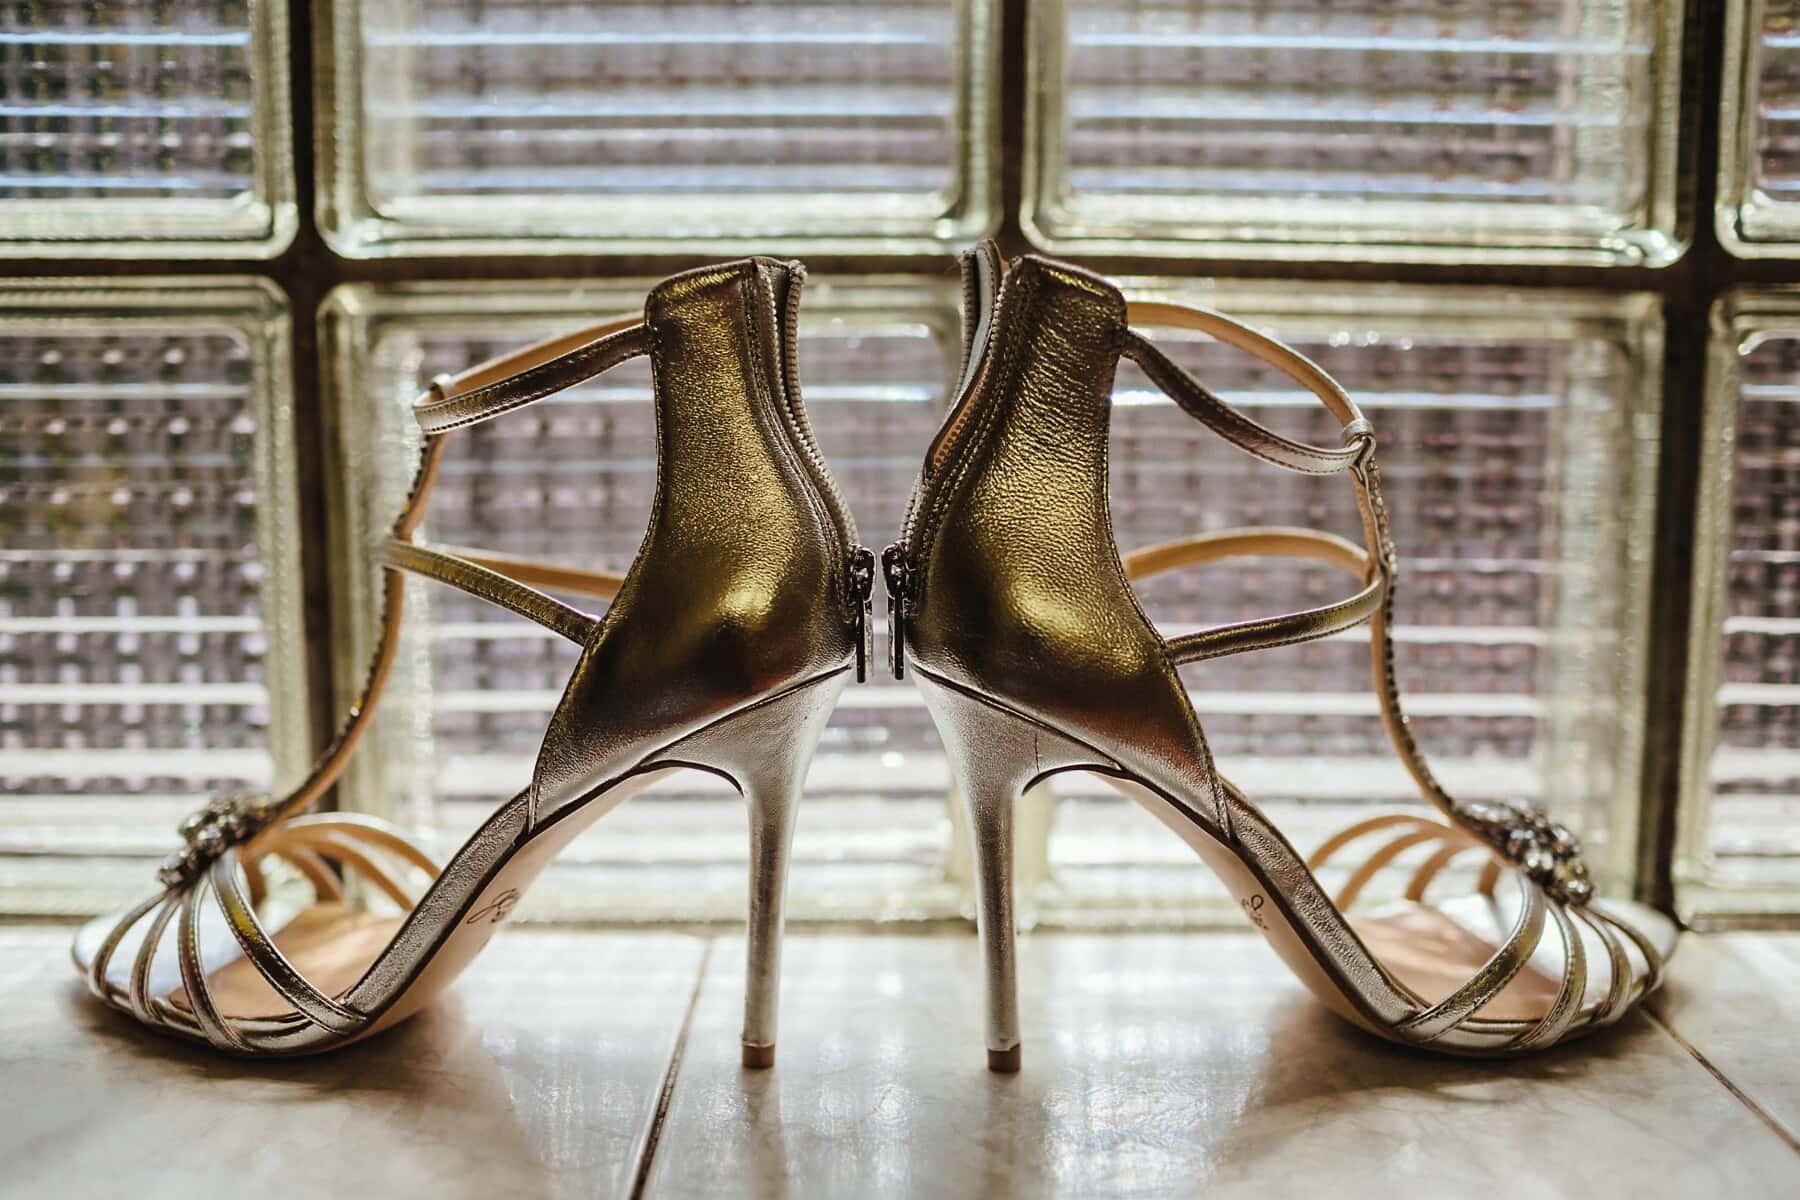 gyllene glöd, sandal, klackar, skor, fint, glamour, lysande, dyra, skor, mode